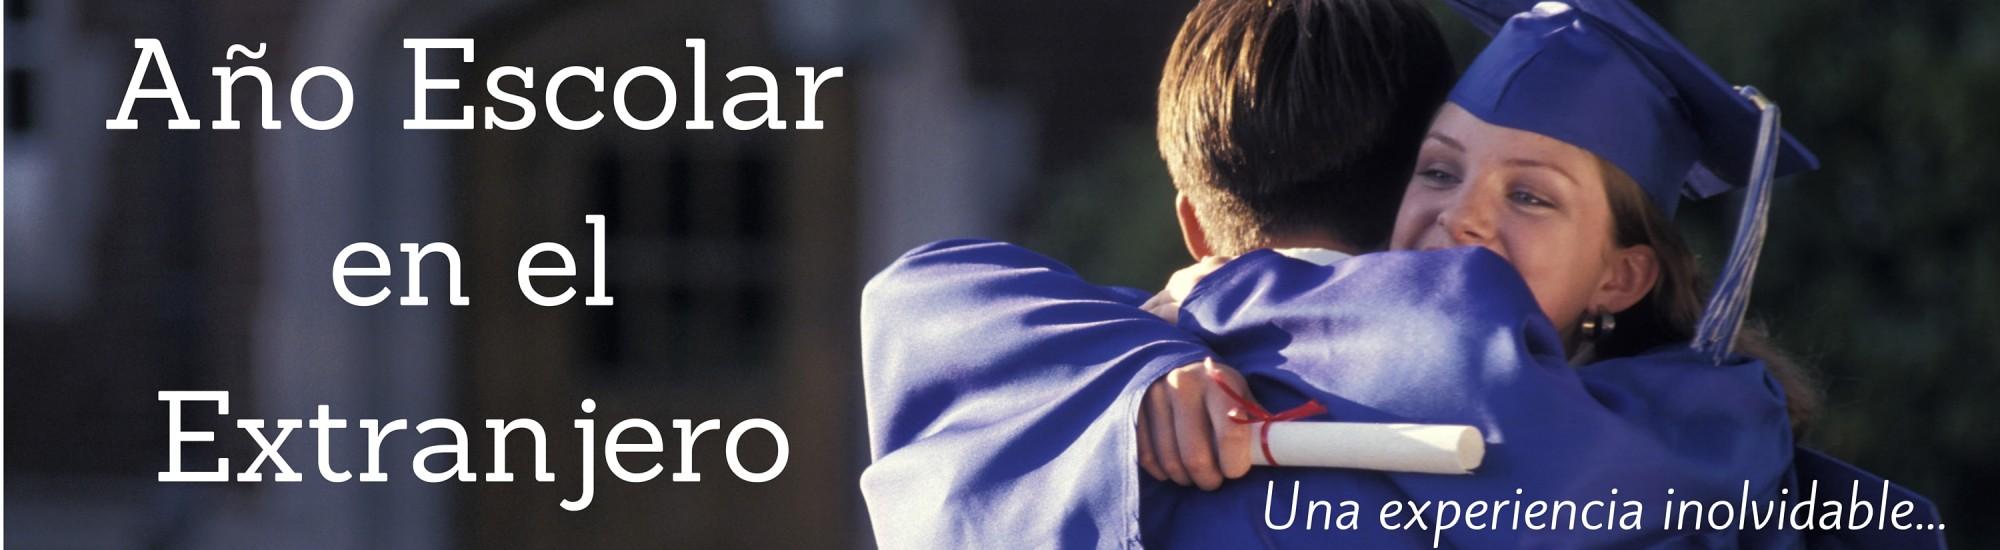 Año-Escolar-en- Extranjero